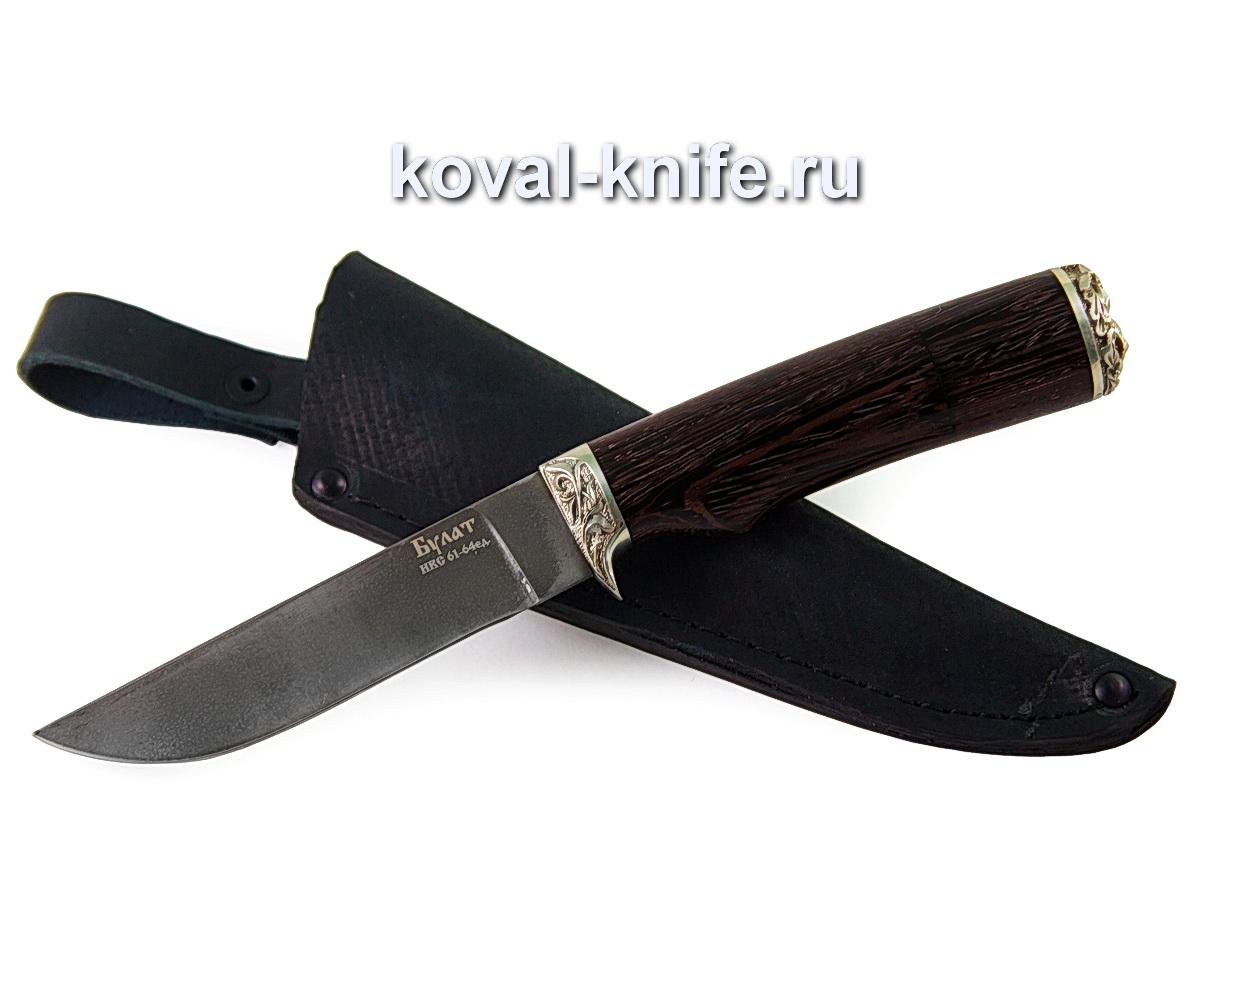 Нож из булатной стали Белка (рукоять венге, литье мельхиор) A378